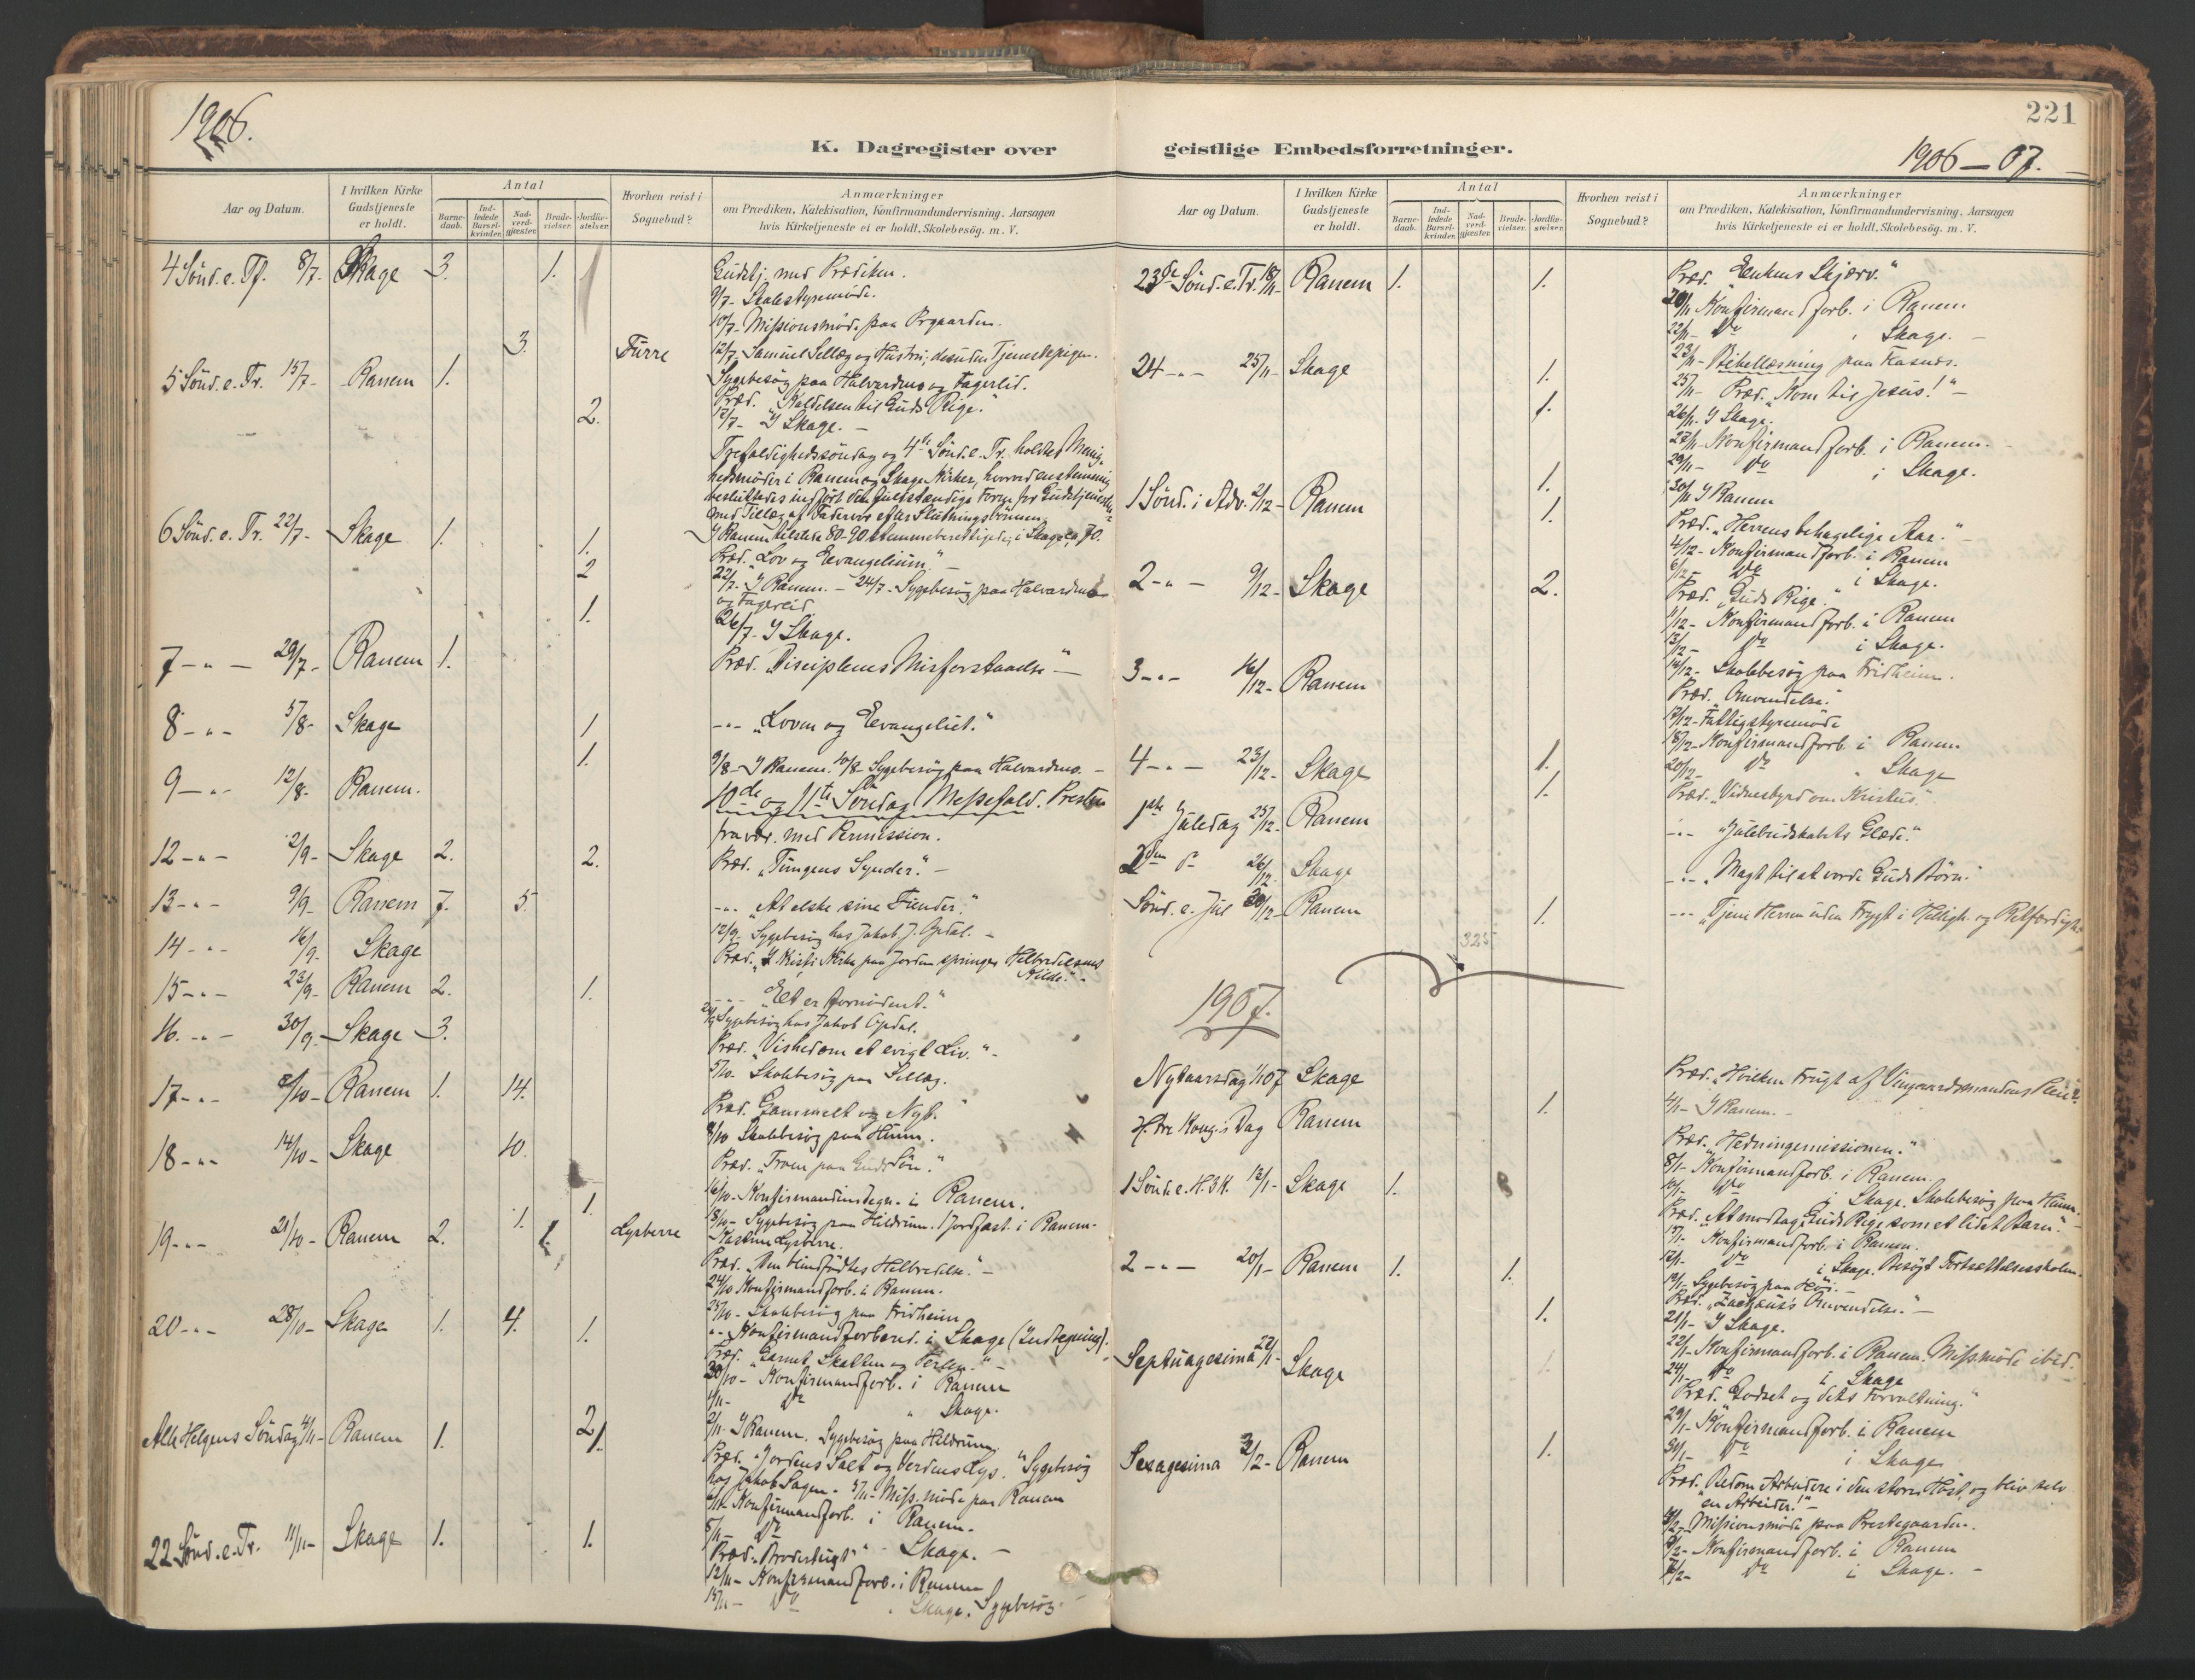 SAT, Ministerialprotokoller, klokkerbøker og fødselsregistre - Nord-Trøndelag, 764/L0556: Ministerialbok nr. 764A11, 1897-1924, s. 221